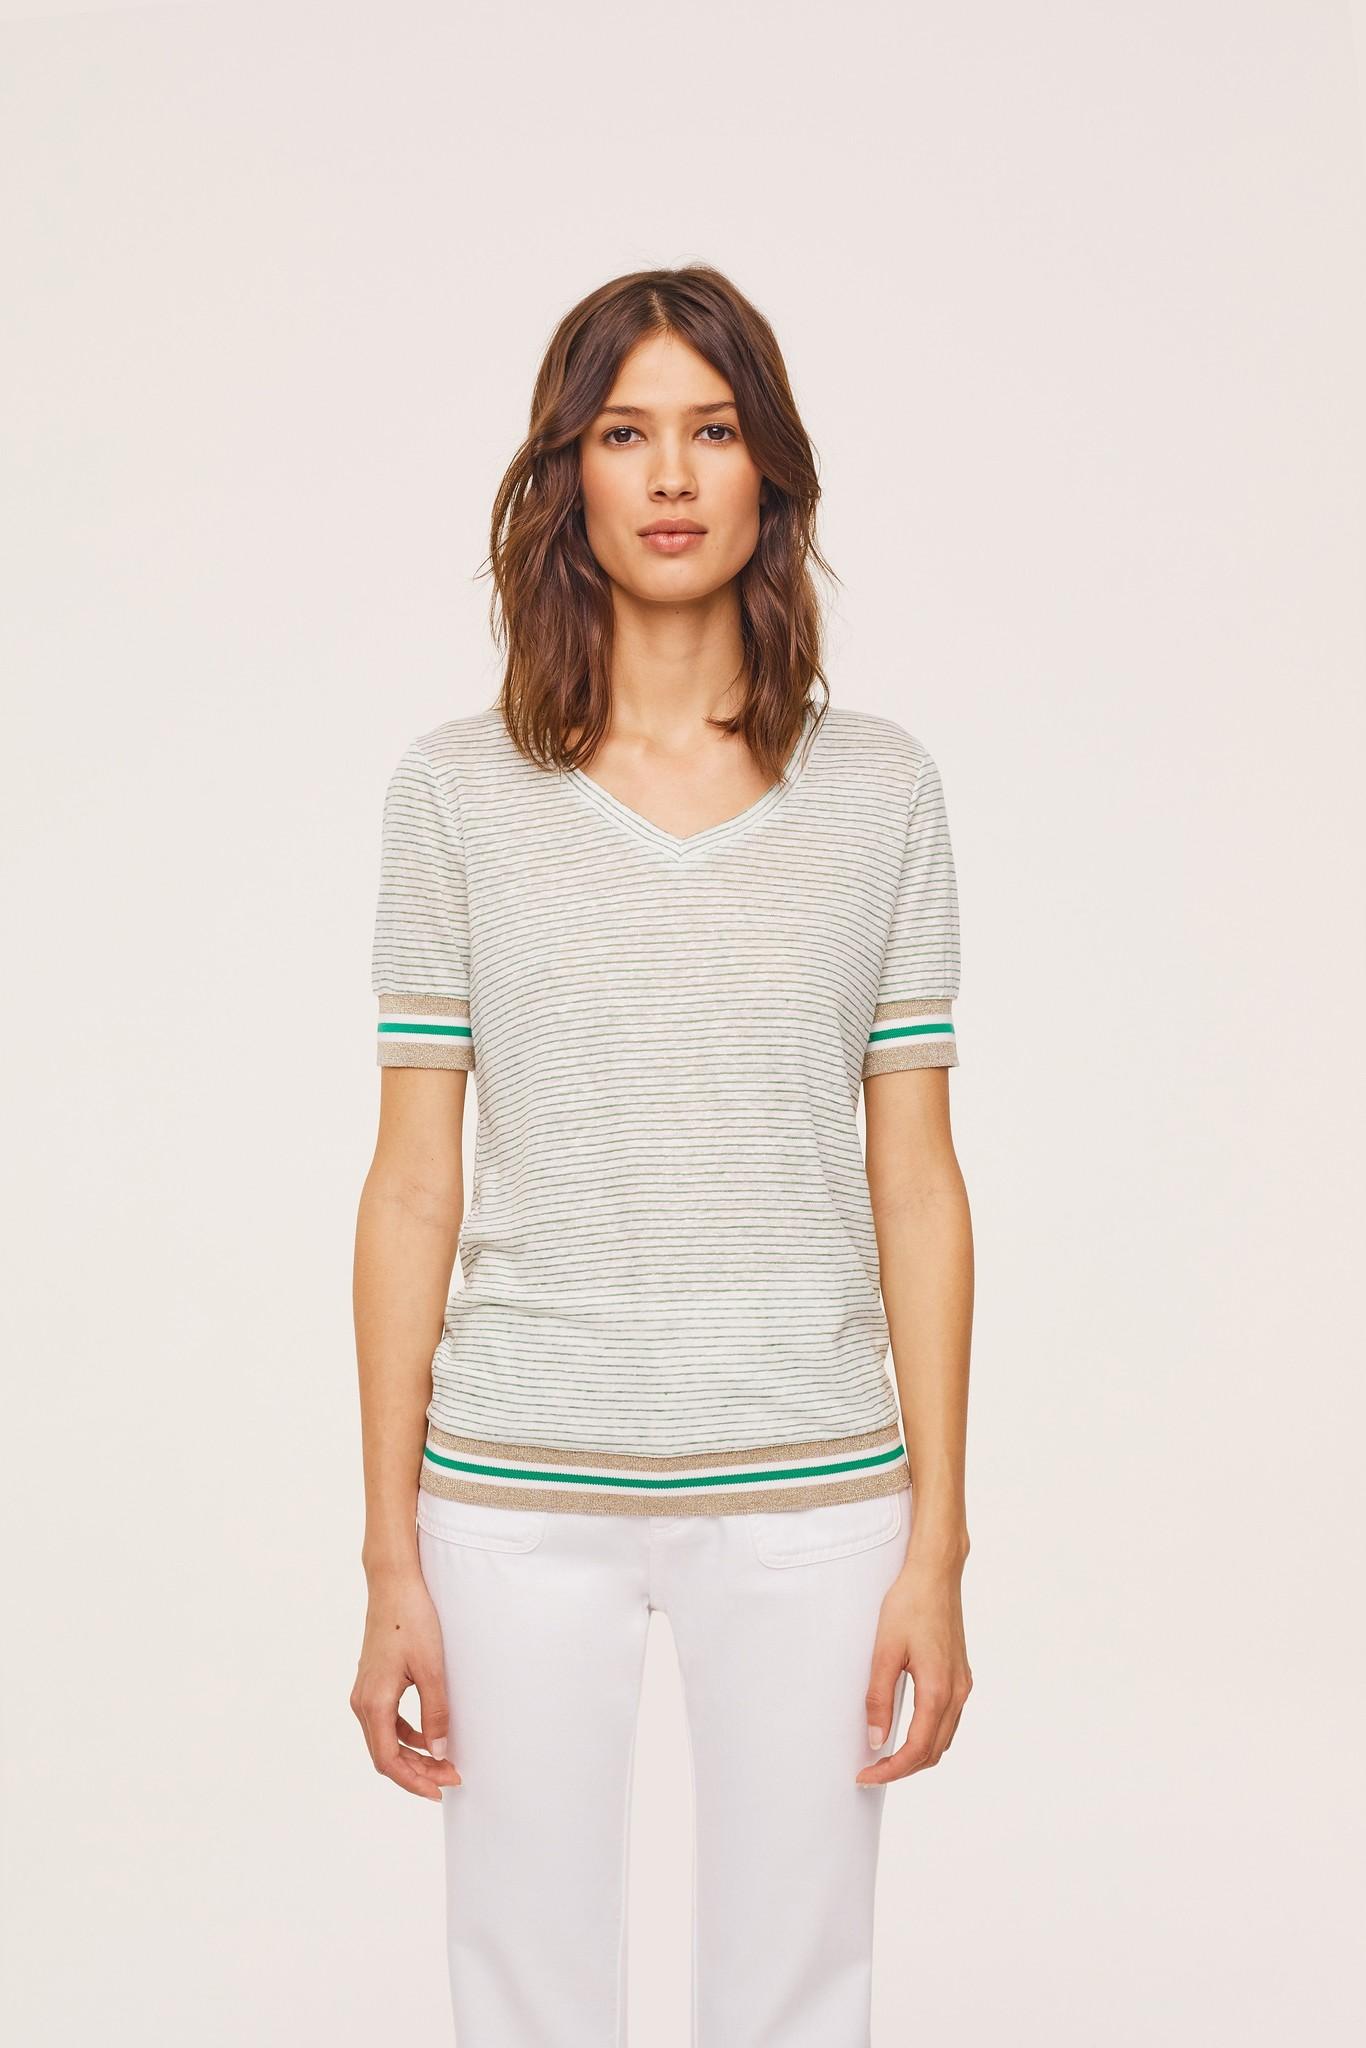 THIBAULT -Полосатая льняная футболка